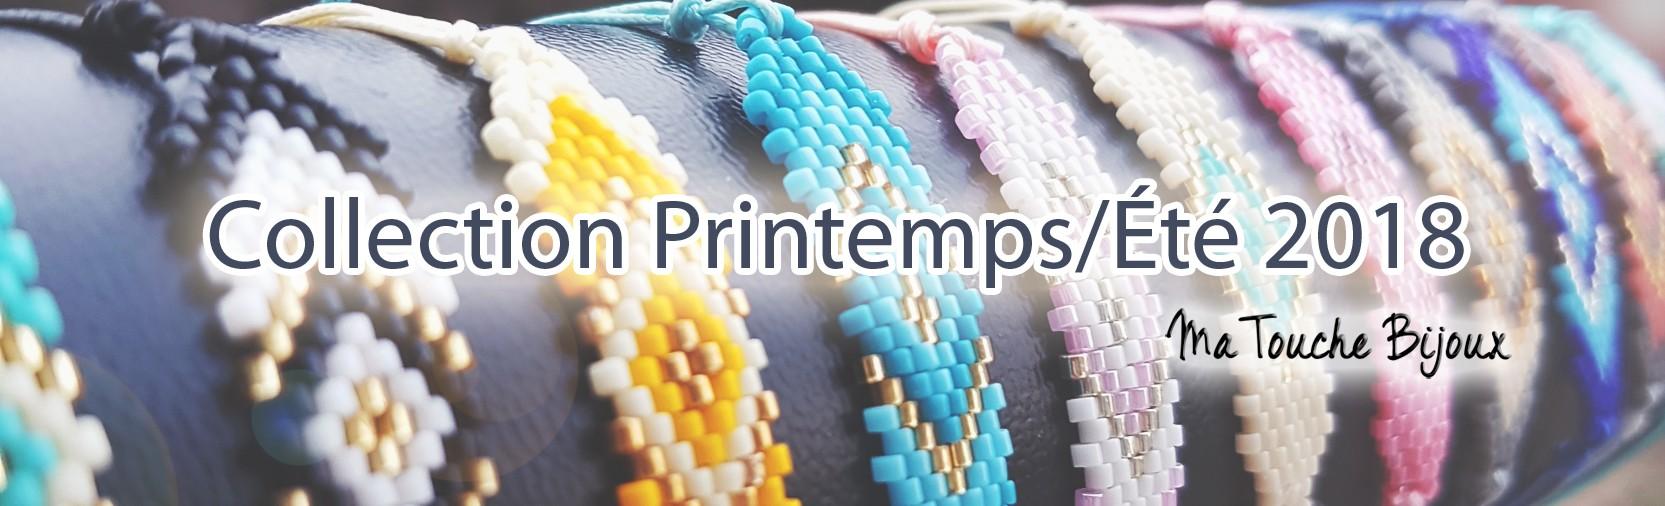 La collection Printemps/Ete 2018 se prépare sur le site web. Vite! Les beaux jours arrivent! Choisissez VOTRE touche bijoux!